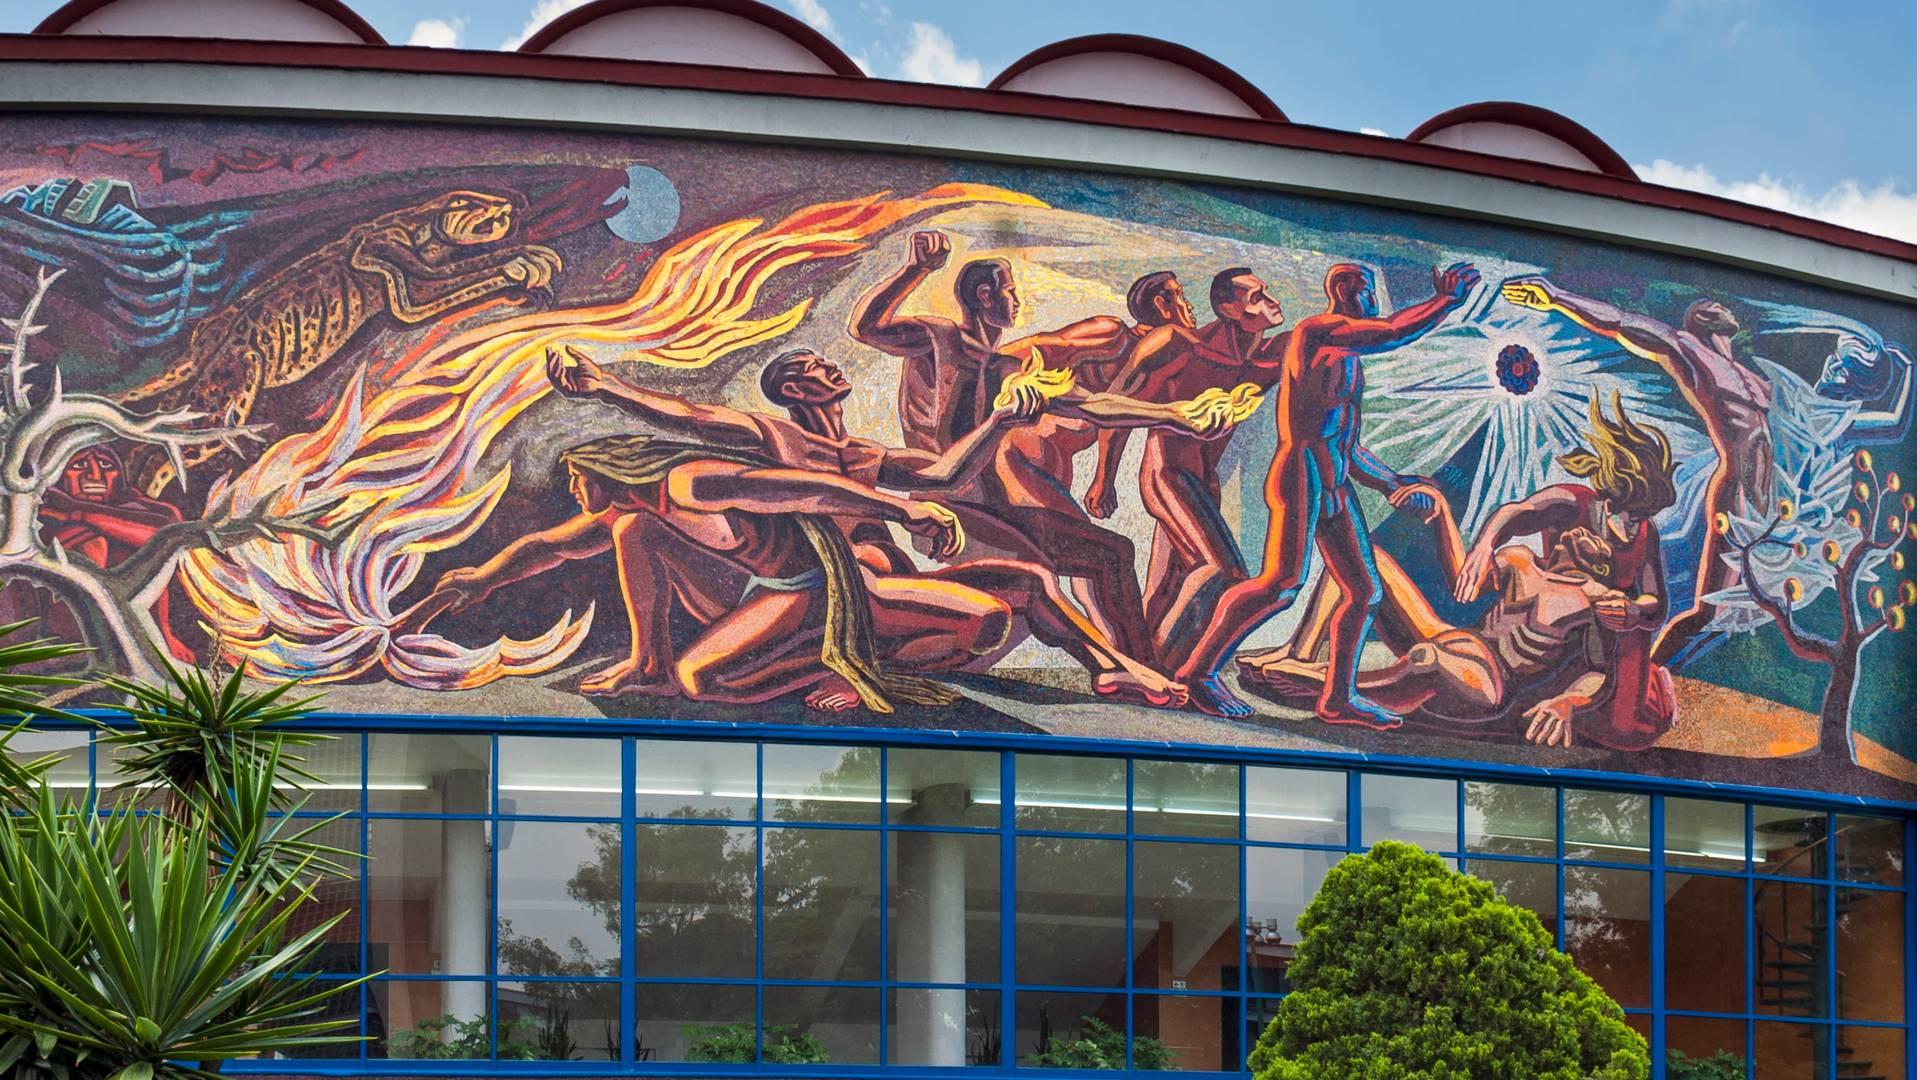 Ч. Морадо. Мозаика на здании факультета естественных наук, Университетский городок, Мехико, Мексика